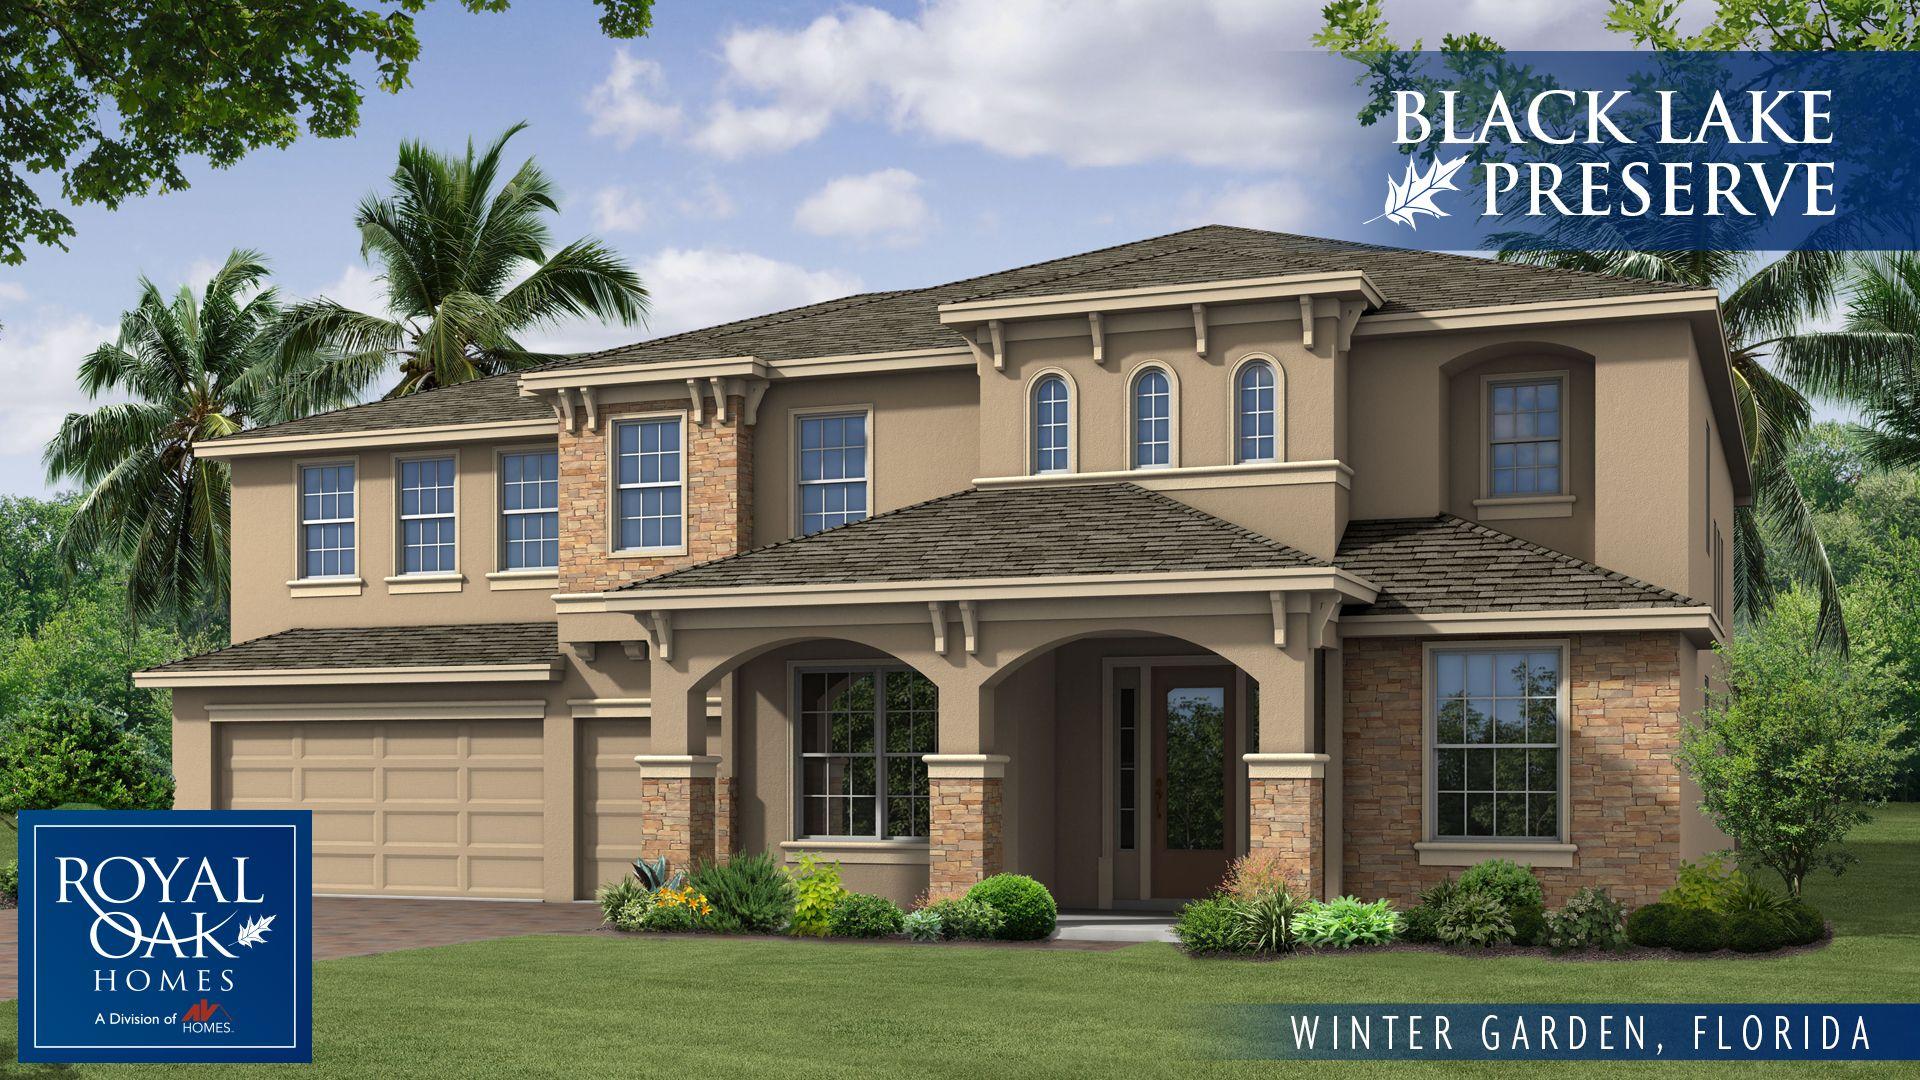 Black Lake Preserve In Winter Garden FL New Homes Floor Plans.